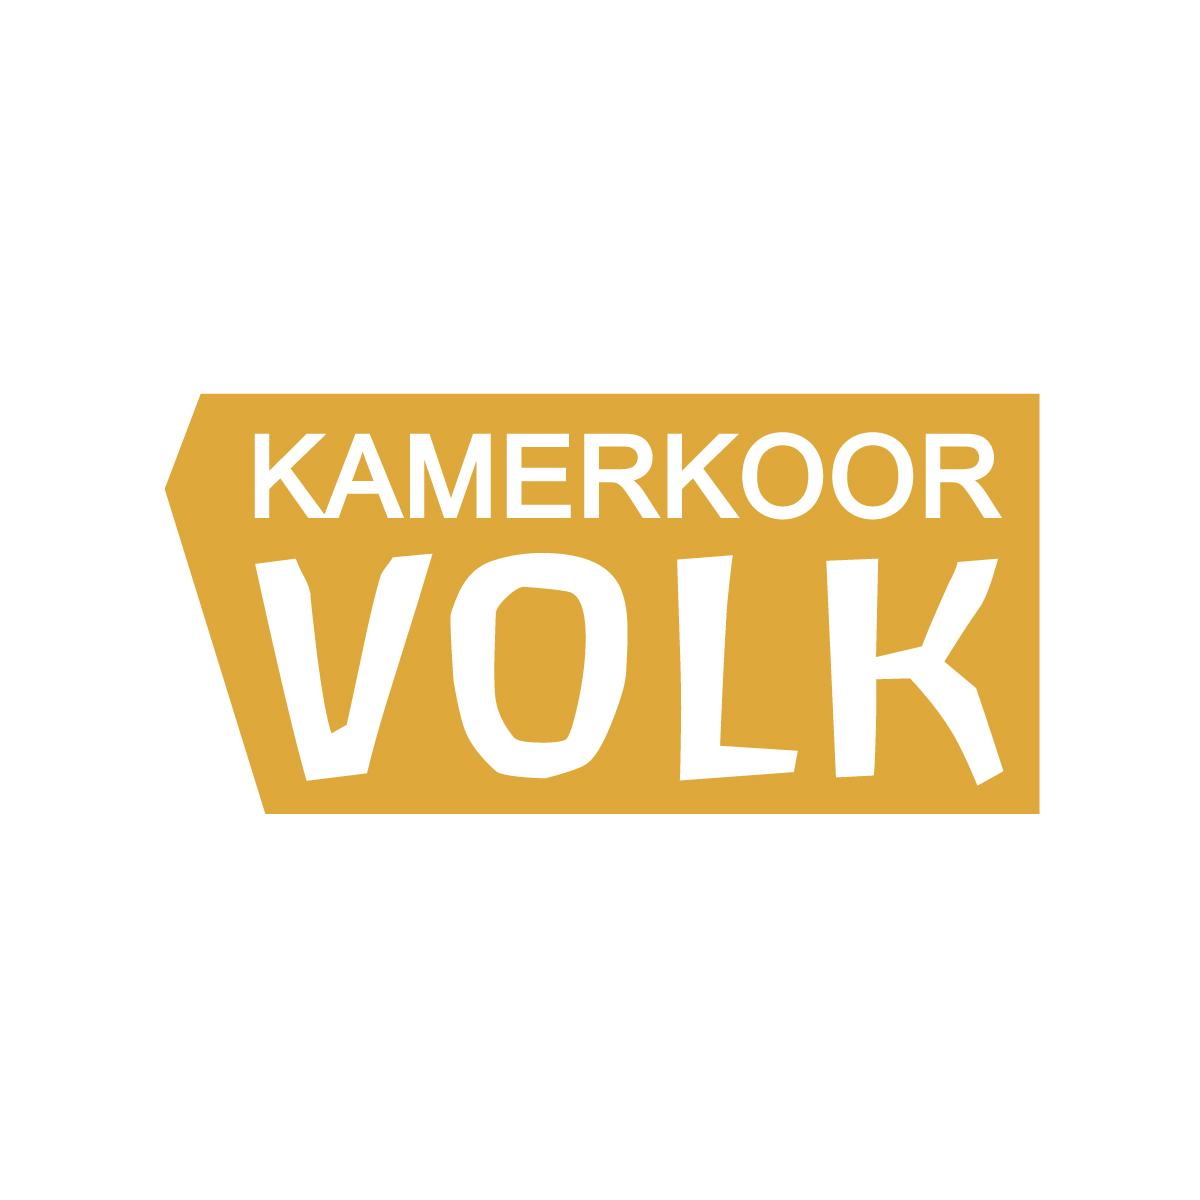 Kamerkoor Volk - Logo